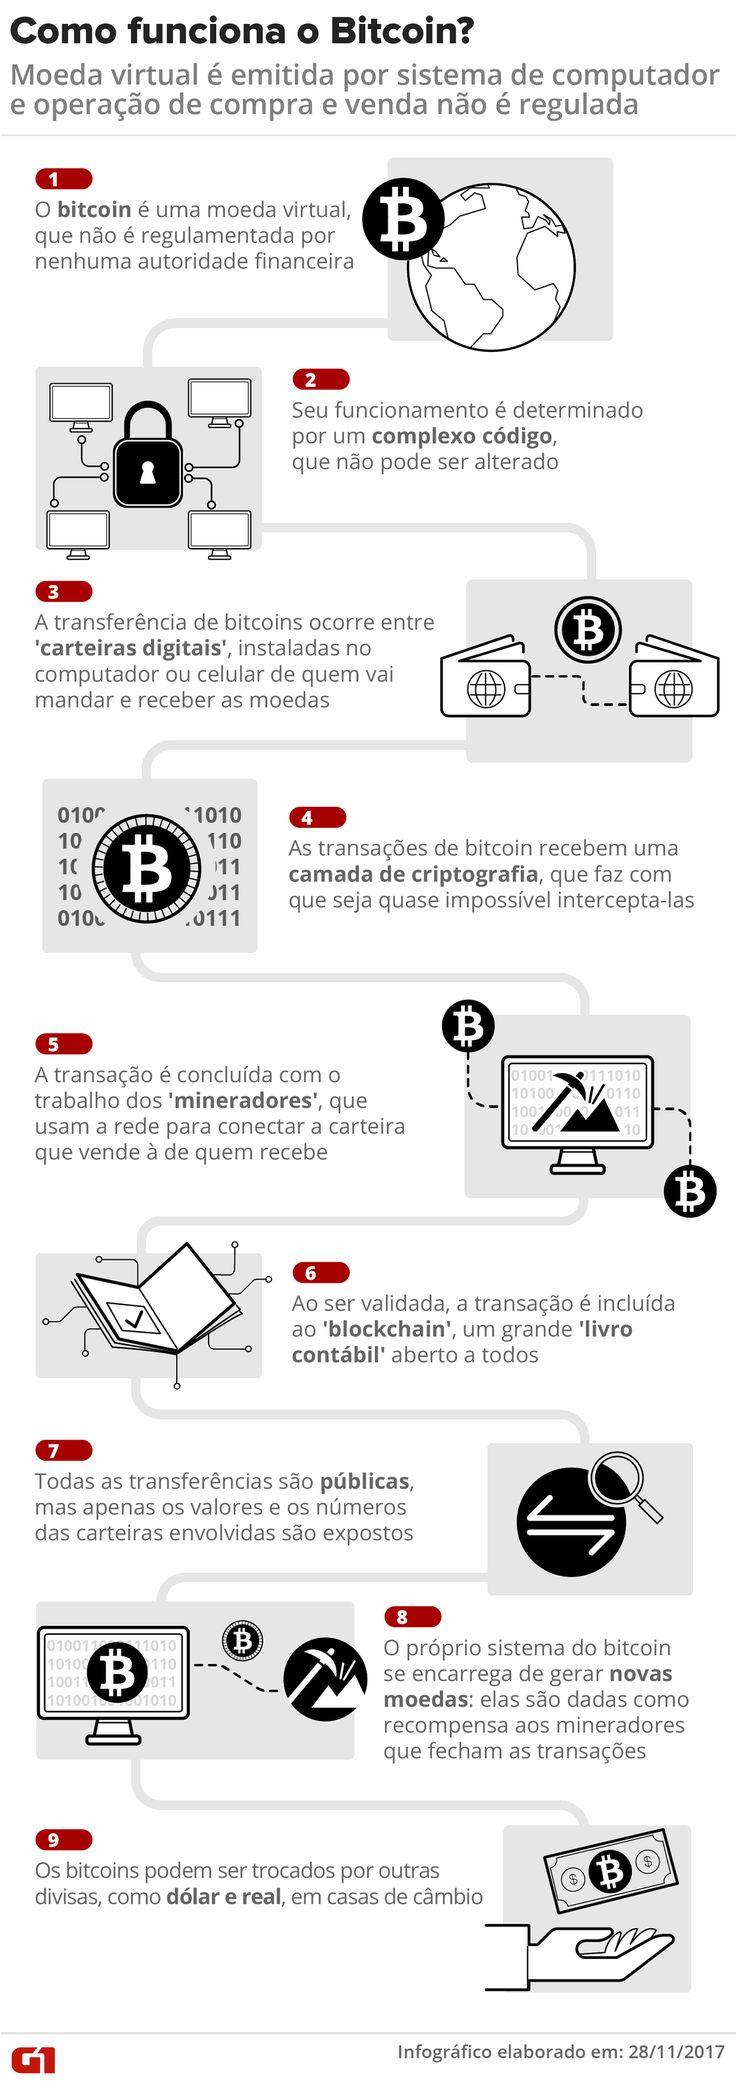 #TimBeta #TimBeta Bitcoin: veja perguntas e respostas sobre a moeda virtual #BetaLab #BetaLab